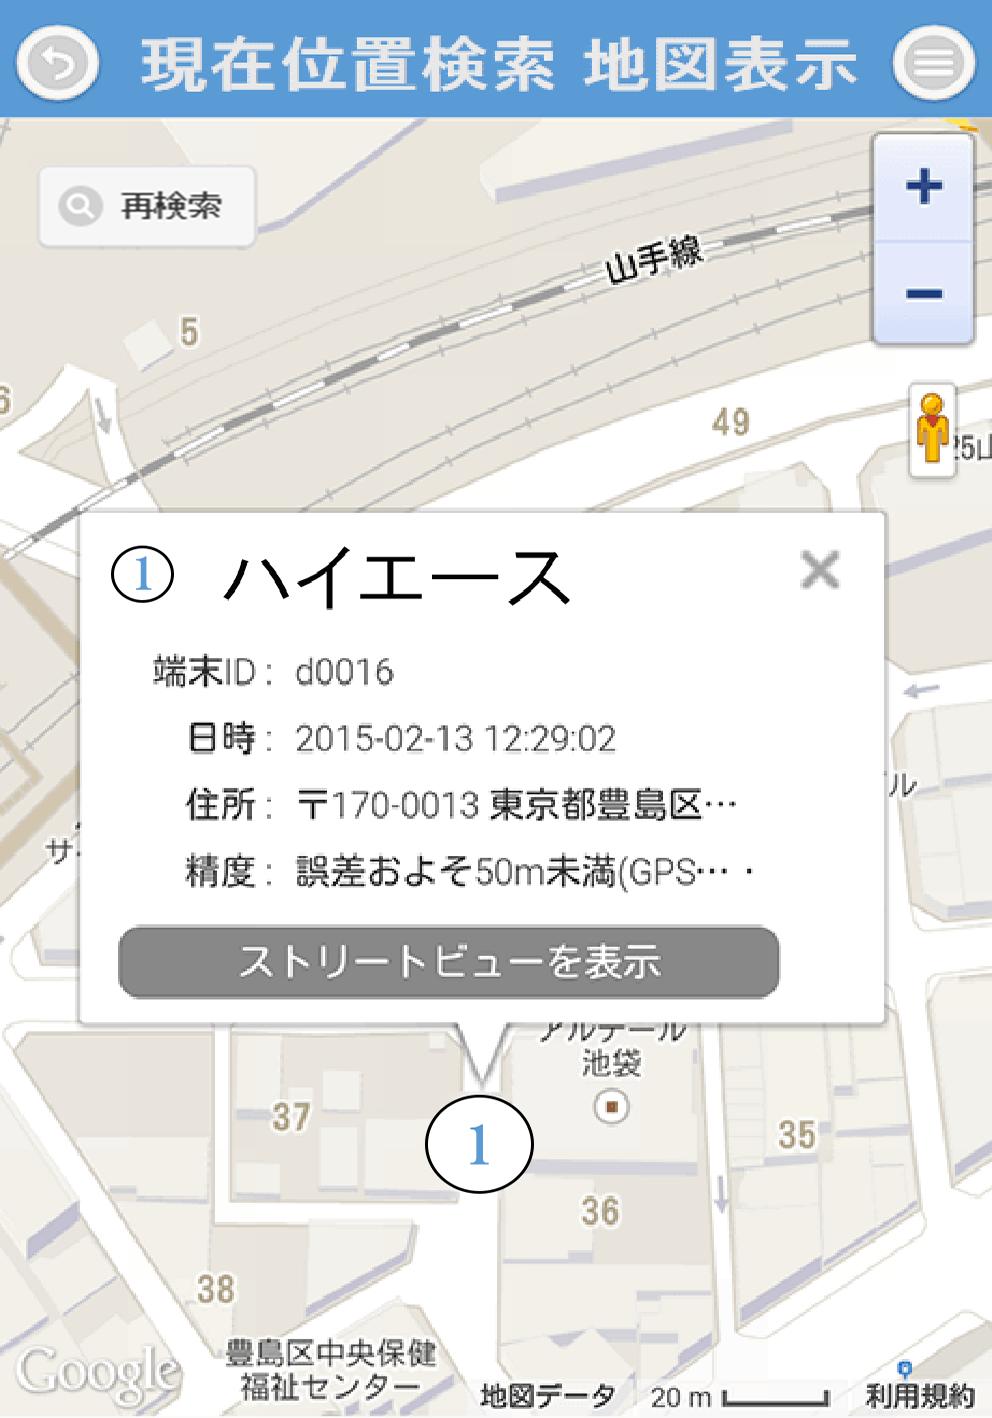 GPS発信機リアルタイム、現在位置検索1.png